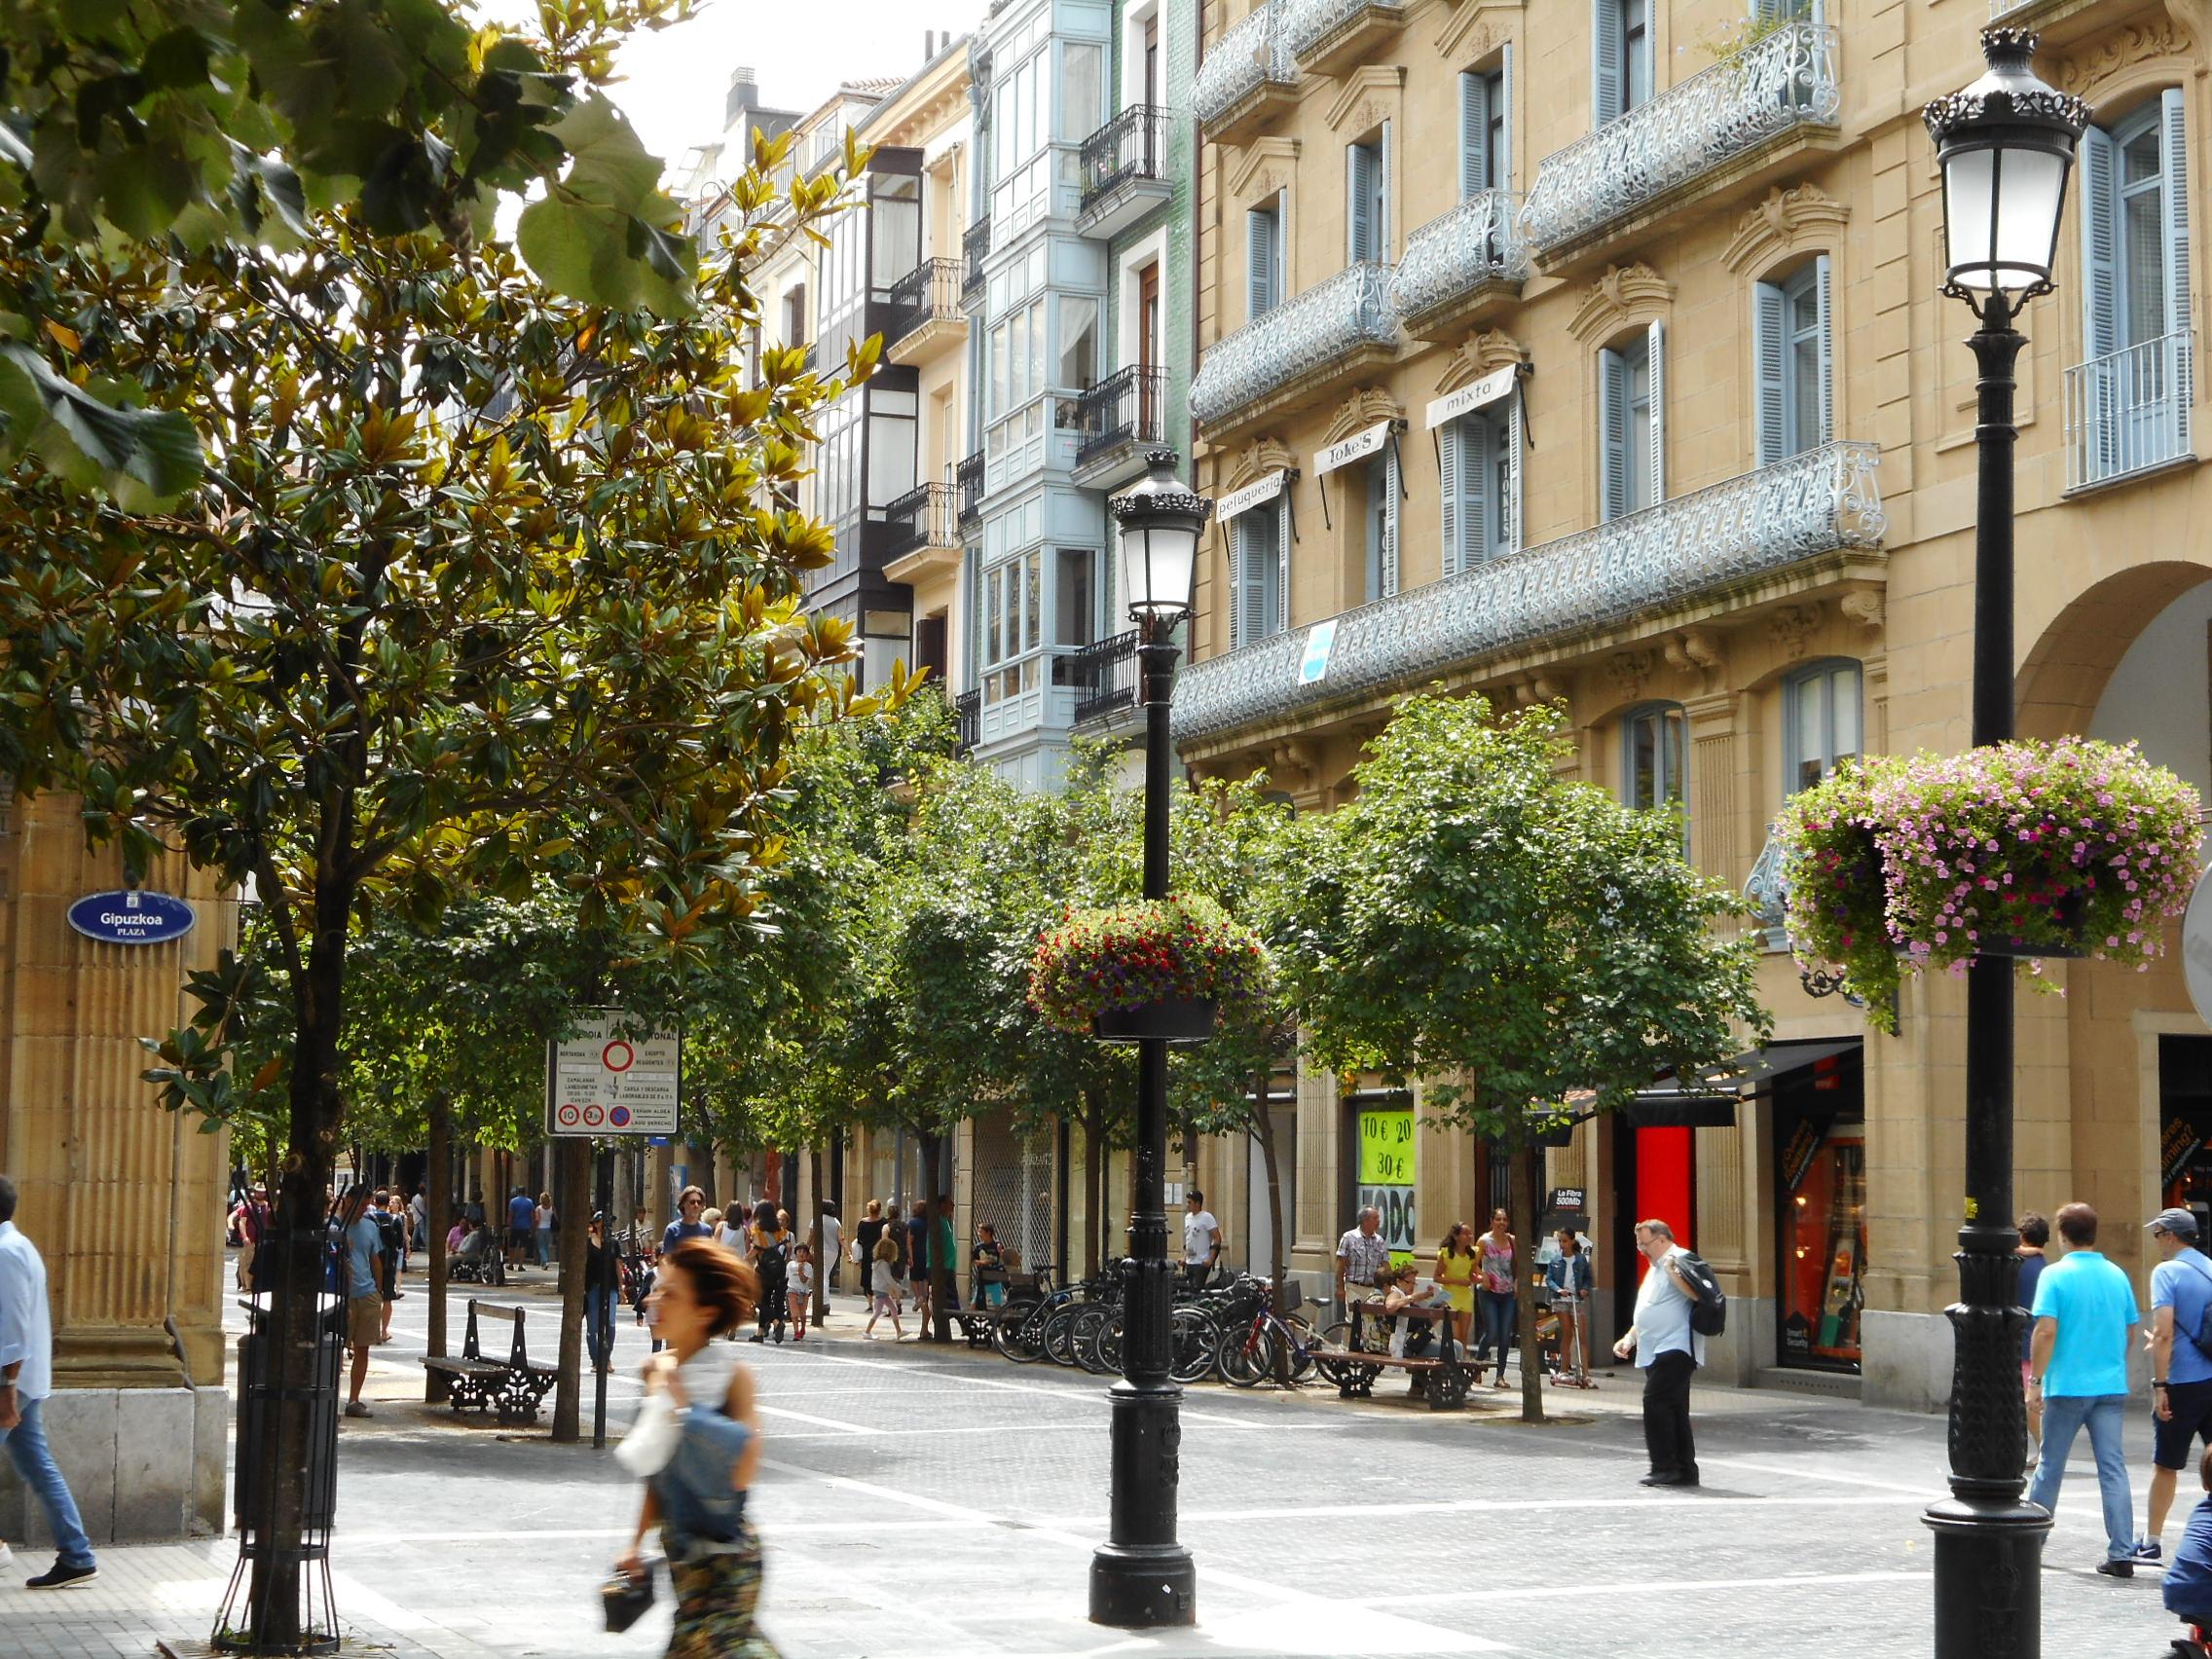 San Sebastian, Spain / Kimberly Sullivan